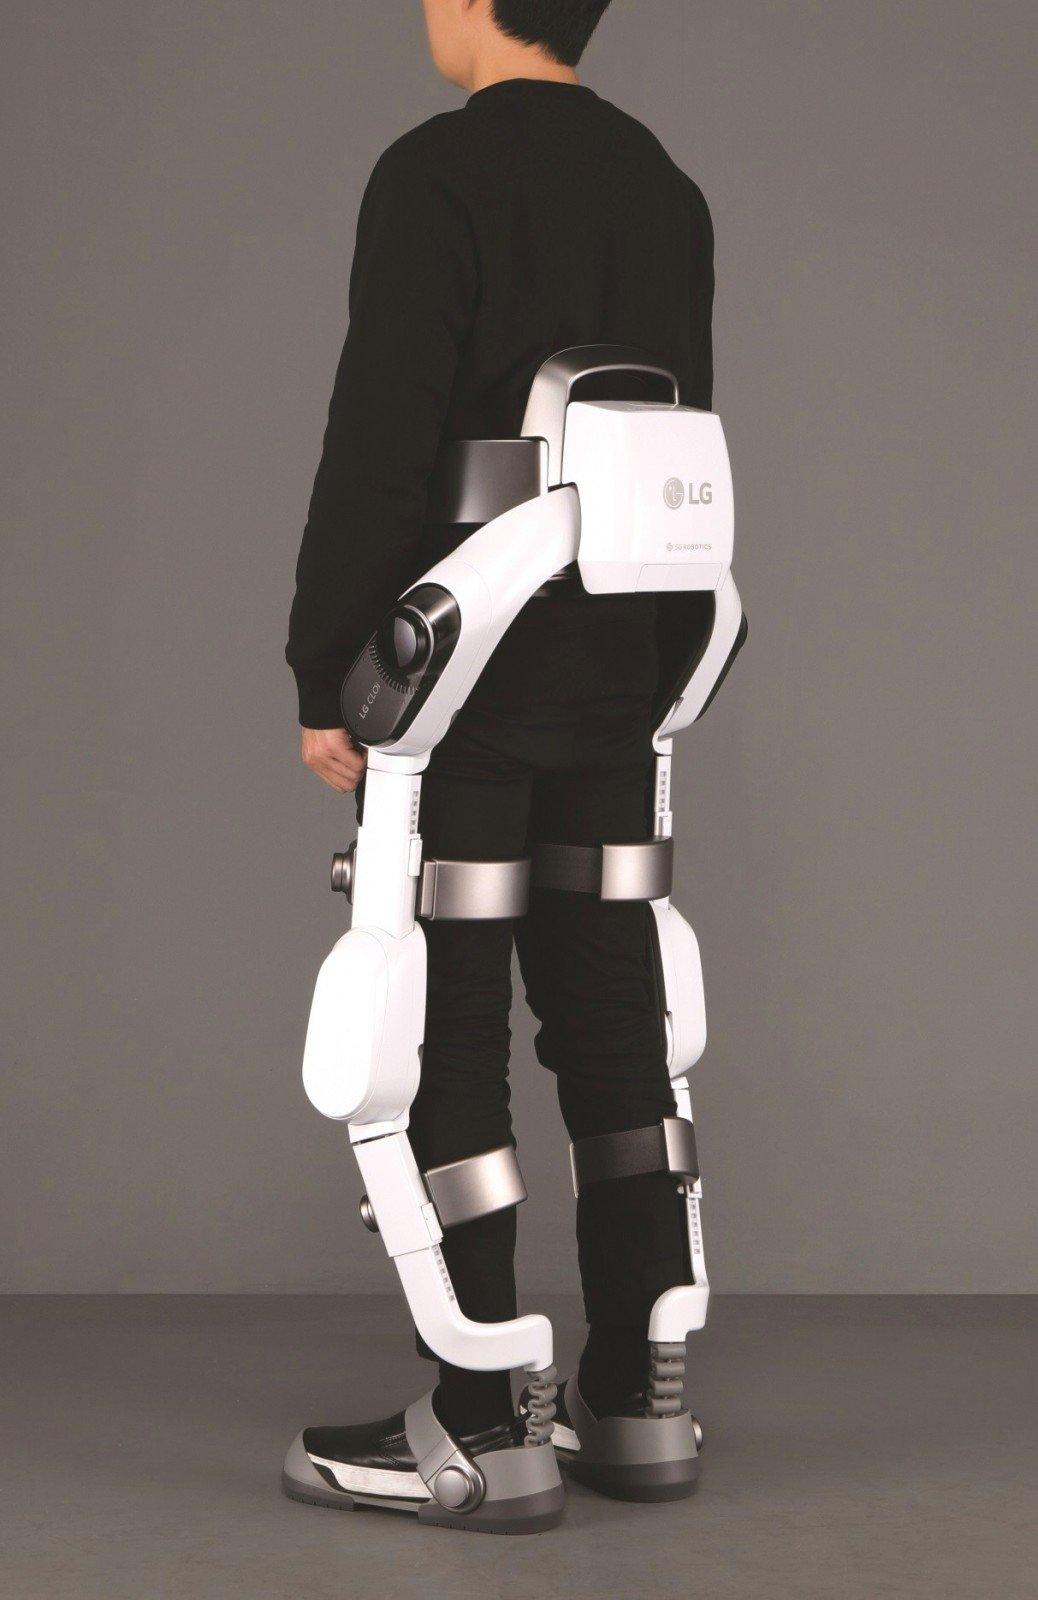 Kas yra Forex robotai – ar jie tikrai veikia?